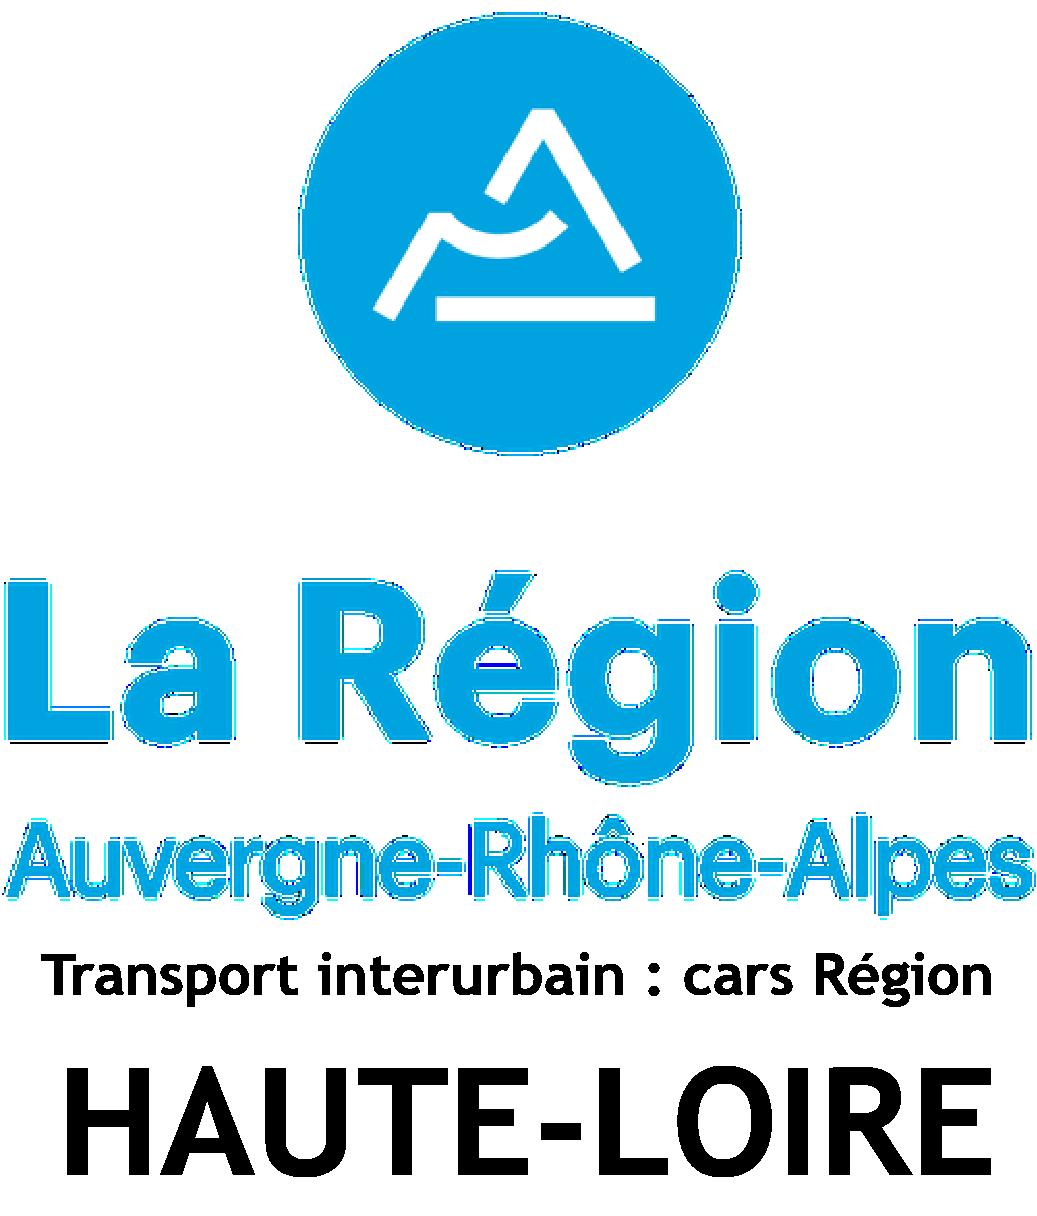 Région Auvergne Rhône Alpes : Haute-Loire